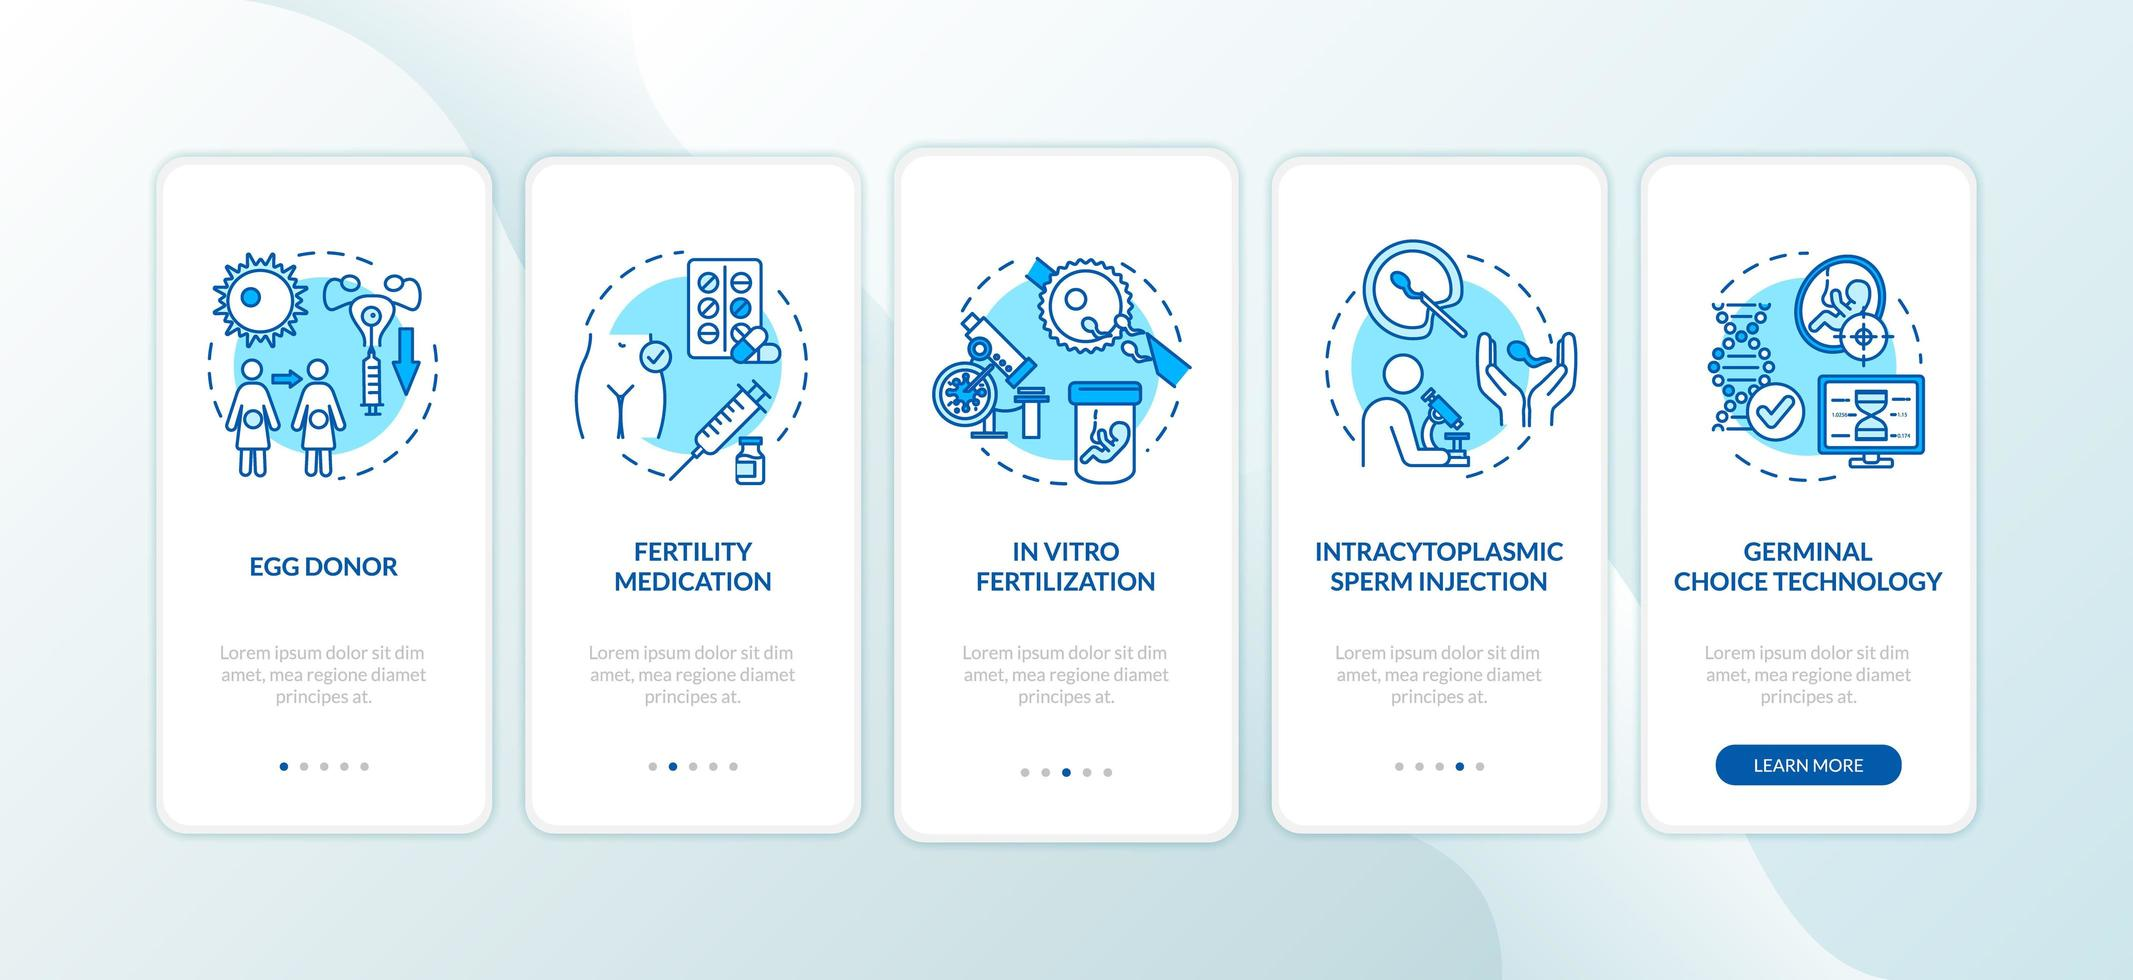 schermata della pagina dell'app mobile per l'inserimento dei farmaci per la fertilità vettore